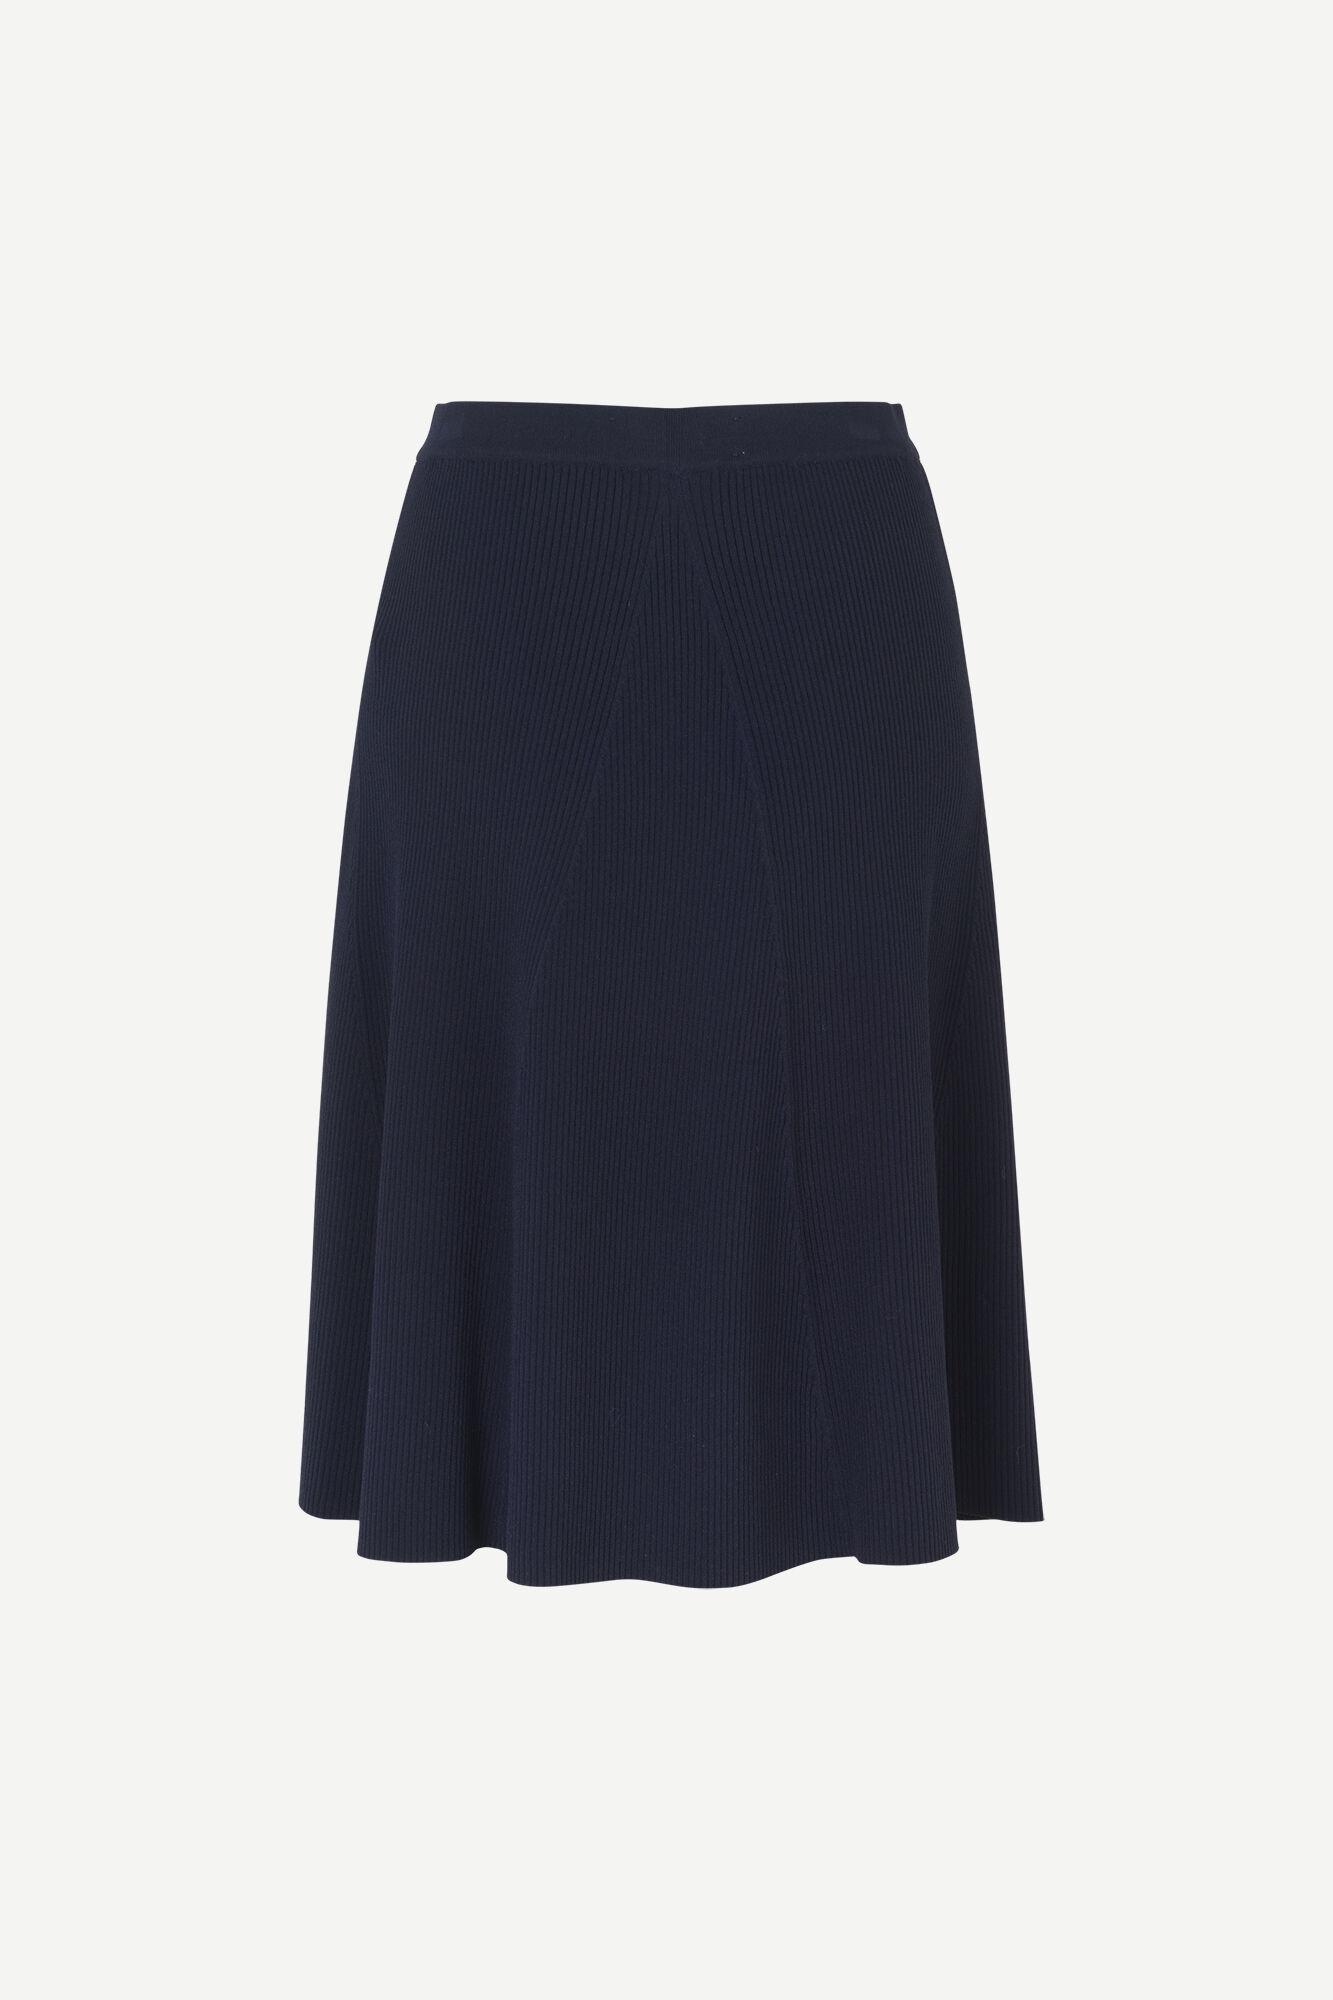 Lua skirt 11255